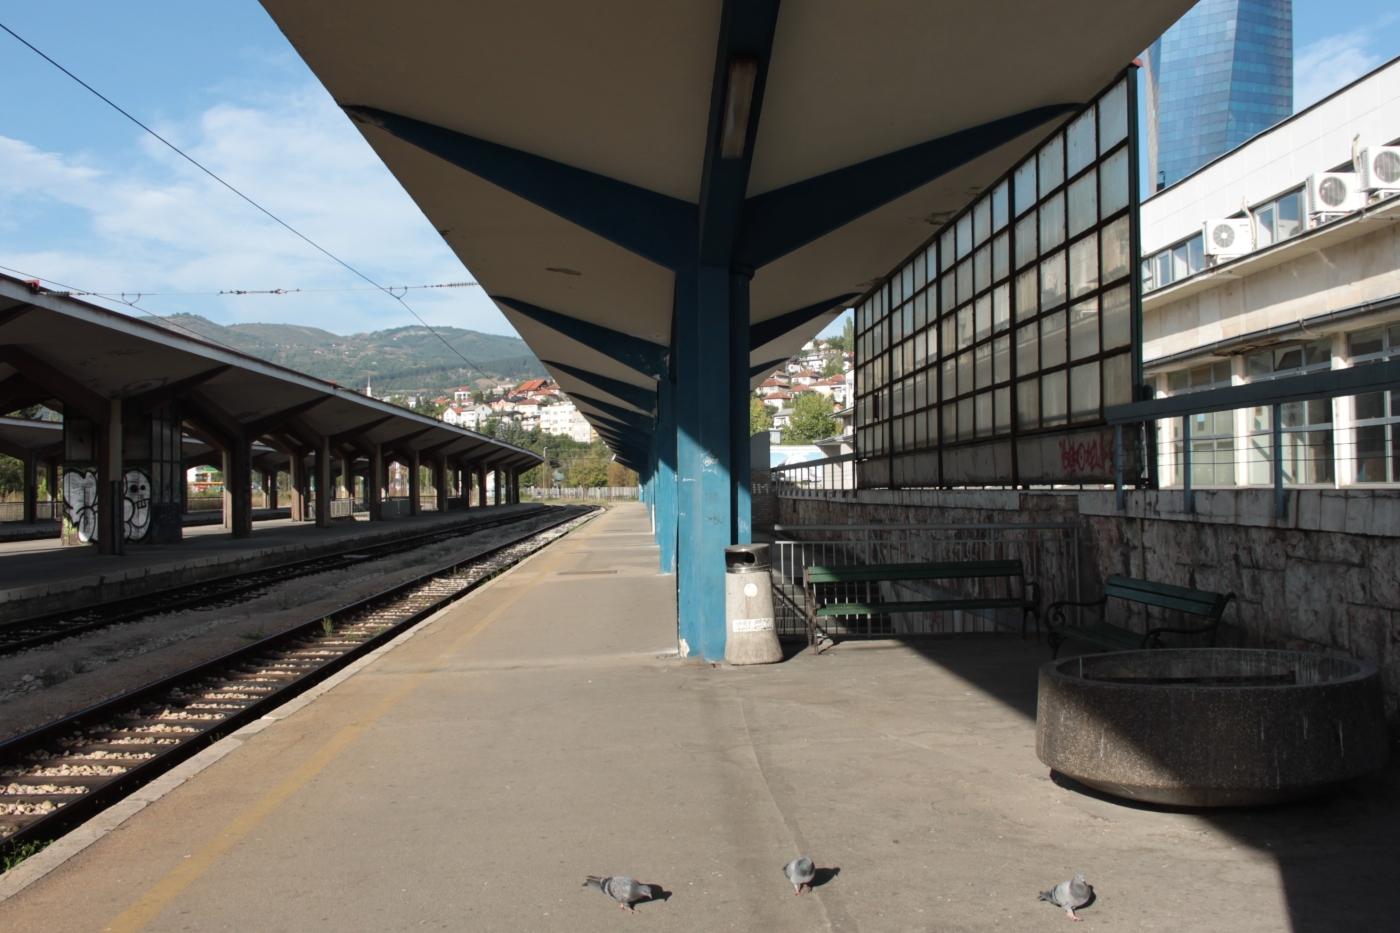 Ein Bahnhof ohne Züge. (c) Christoph Baumgarten